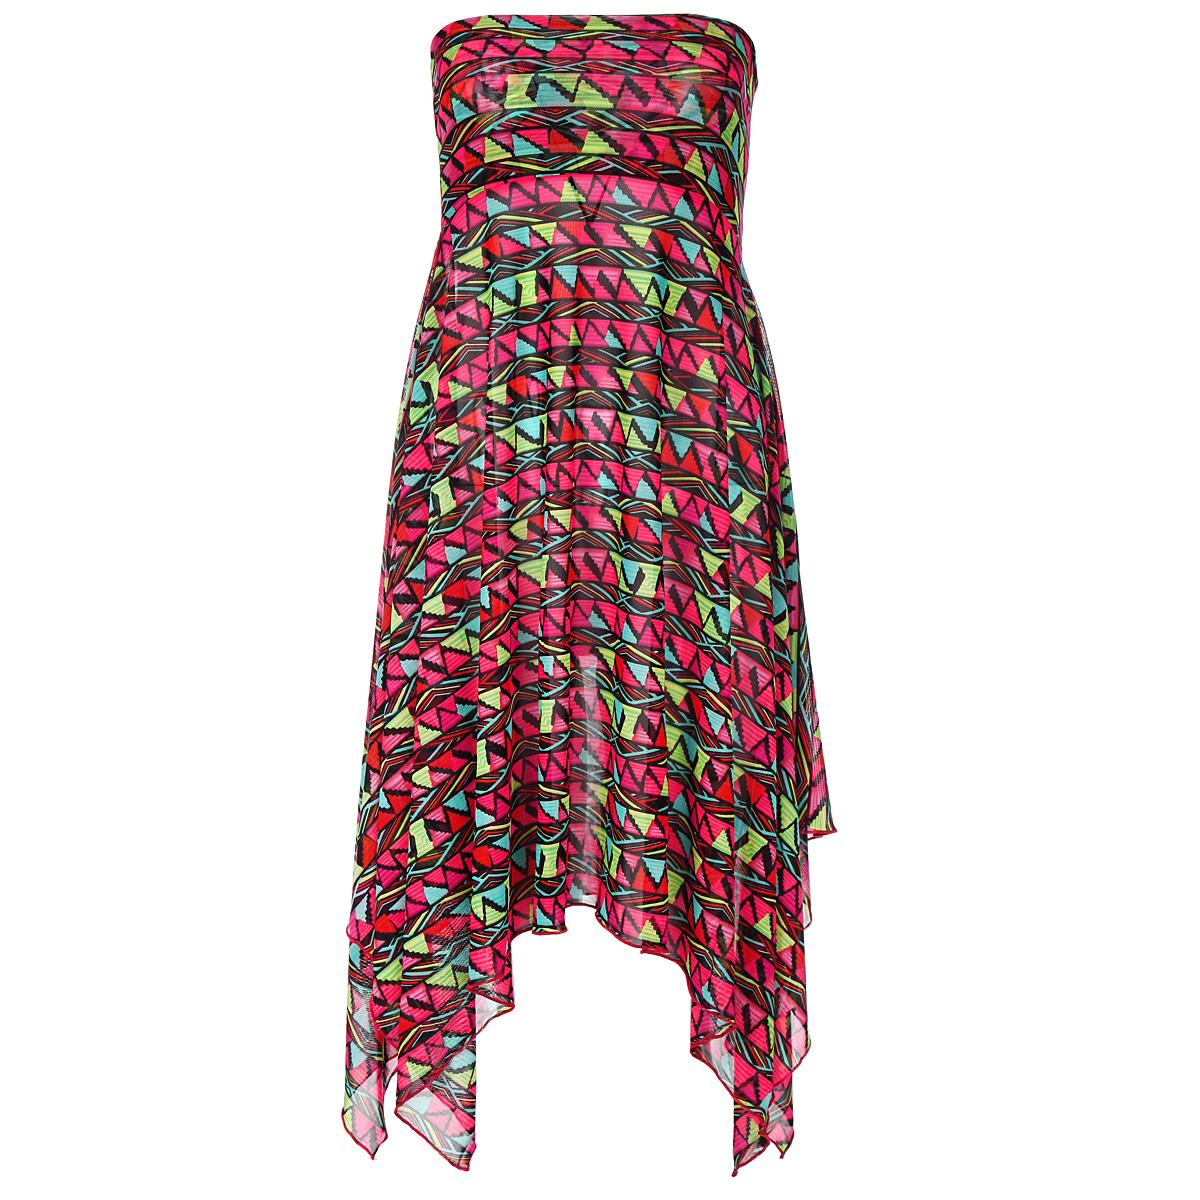 Платье-юбка Barbara Bettoni, цвет: мультицвет. BB715. Размер M (46)BB715Удобное и функциональное платье-юбка Barbara Bettoni, выполненное из сетчатого полиэстера, оформлено ярким принтовым узором. Изделие представляет собой расклешенную юбку на широком поясе с боковым разрезом по всей длине. Края модели асимметричные, что создает необычный силуэт и добавляет изысканности образу. Изделие также великолепно смотрится и как короткое платье-бандо. В сочетании с ярким купальником платье-юбка от Barbara Bettoni позволит создать стильный пляжный ансамбль, в котором вы не останетесь незамеченной! Новая коллекция пляжной одежды от марки Barbara Bettoni отражает мировые тенденции пляжной моды и выступает прекрасным дополнением к коллекции купальников Barbara Bettoni Moda Di Mare.